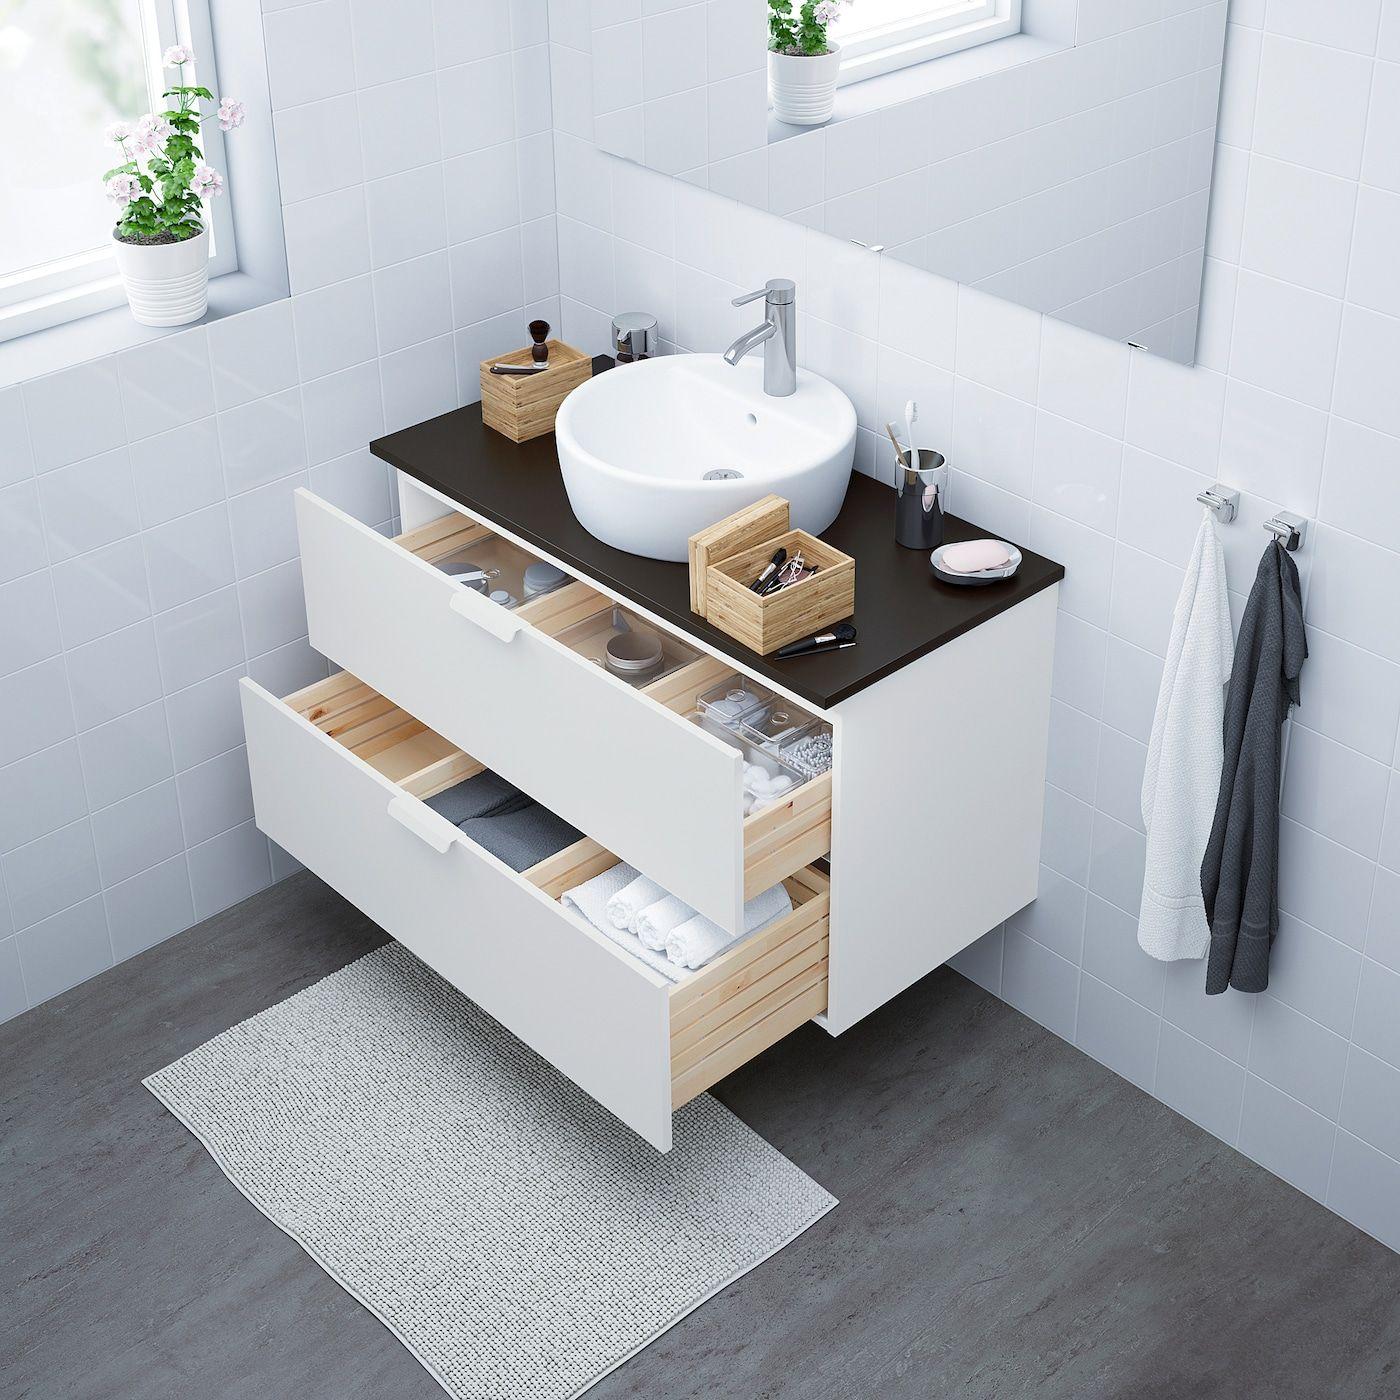 Tolken Countertop Bamboo 55 7 8x19 1 4 Countertops Ikea Bamboo